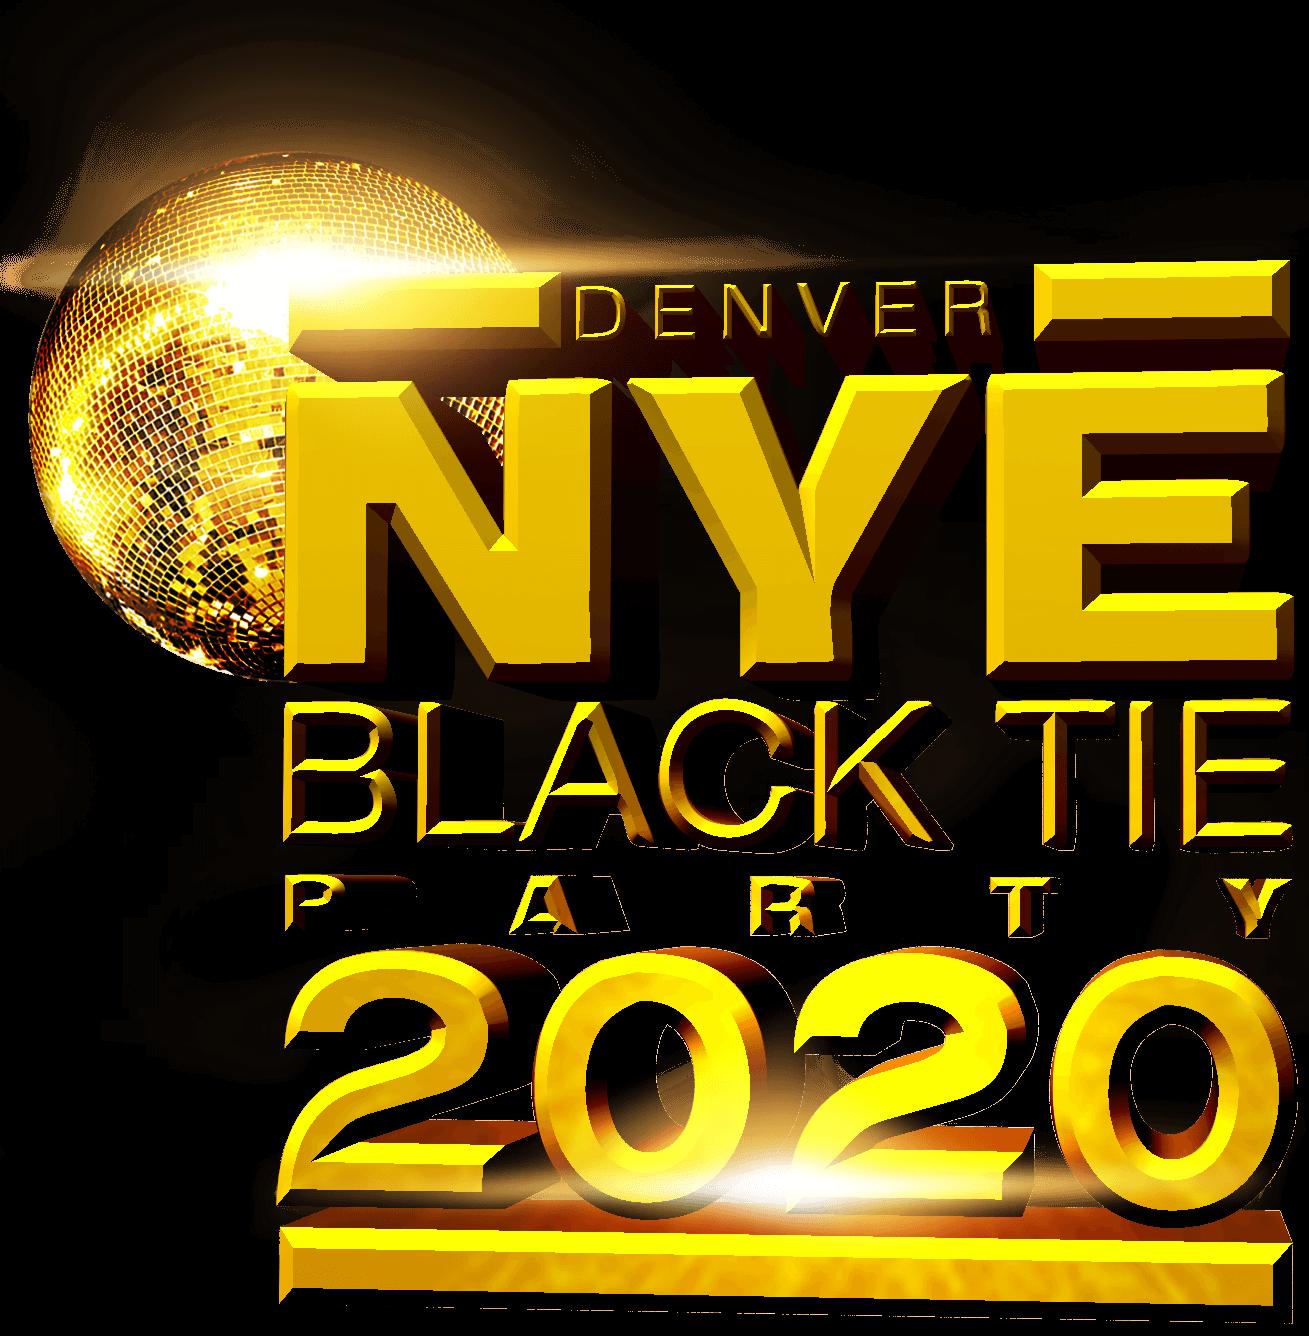 2020 3D logo e1573787594230